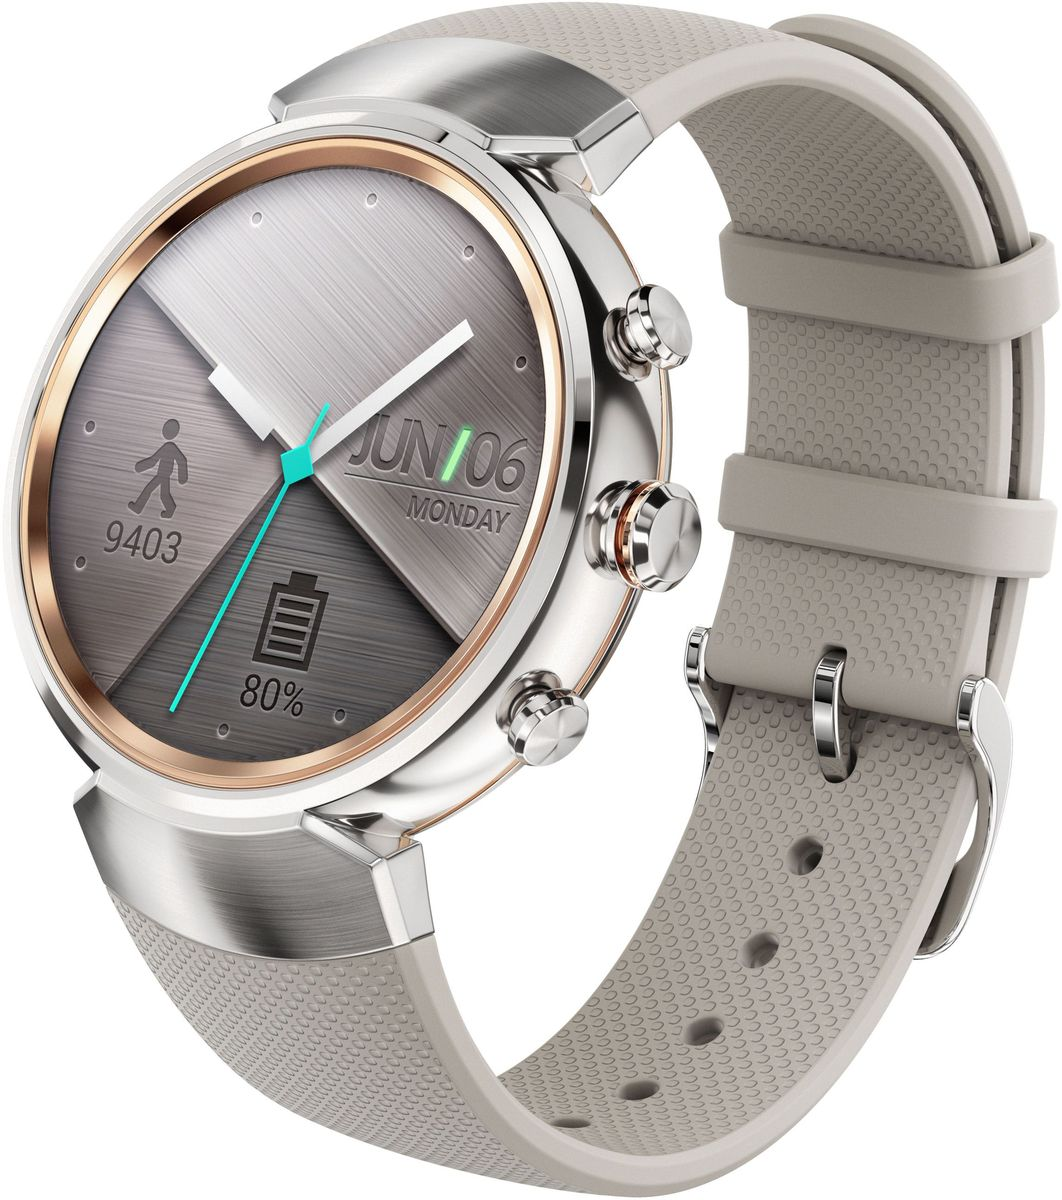 ASUS ZenWatch 3 WI503Q, Silver смарт-часыWI503Q-2RBGE0013ASUS ZenWatch 3 - это современное цифровое устройство, выполненное в соответствии с давними традициями часового искусства из высококачественных материалов и с вниманием к каждой детали. Эти часы умеют делать гораздо больше, чем просто показывать время, а благодаря широким возможностям по персонализации их интерфейса вы легко можете настроить их по своему вкусу. Длительное время автономной работы и технология быстрой подзарядки аккумулятора делают ASUS ZenWatch 3 по-настоящему мобильным устройством, которое всегда будет готово к работе.Своим внешним видом ASUS ZenWatch 3 ближе к традиционным часам, чем к современным цифровым гаджетам. Их стильный дизайн вдохновлен образом солнечного затмения, а широчайшая функциональность реализована с безупречным мастерством.Корпус часов ZenWatch 3 изготовлен из ювелирной нержавеющей стали марки 316L, которая наделяет их не только превосходным внешним видом, но и долговечностью, ведь ее прочность на 82% выше по сравнению с обычной сталью. Высокий статус устройства подчеркивает тонкая отделка оправы.В облике нового устройства ASUS можно отметить необычные для умных часов элементы, а именно три боковых кнопки. Верхняя кнопка является программируемой. Она предоставляет доступ к любимому приложению или функции. Средняя кнопка переключает часы в различные режимы работы, а нижняя моментально активирует специальный энергосберегающий режим.Три визуальных темы и более 50 эксклюзивных вариантов циферблата, с которыми поставляются часы ZenWatch 3, позволяют легко настроить их внешний вид по своему вкусу.Часы ZenWatch 3 помогают структурировать различную информацию - сообщения от друзей, напоминания о запланированных встречах, прогноз погоды и многое другое - и выдают ее в нужный момент в удобном для восприятия формате.ZenWatch Manager - это приложение для смартфонов, которое предназначено для управления различными функциями часов ZenWatch 3. С его помощью можно выбрать циферблат и вывест